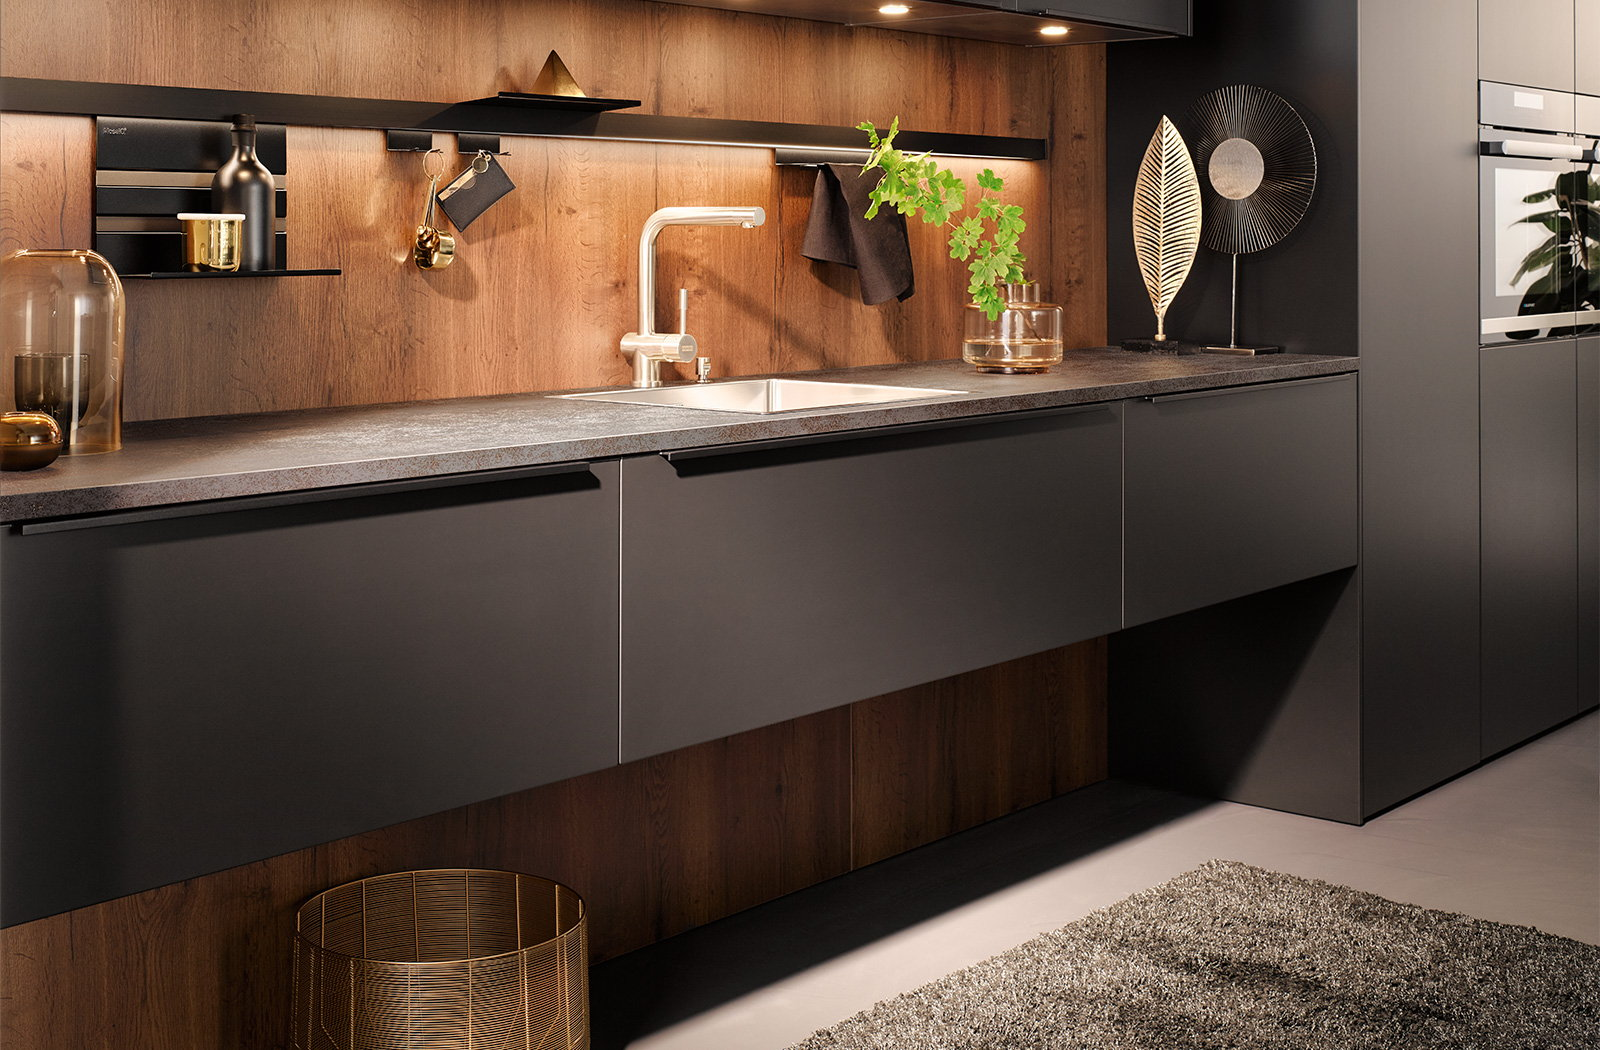 Zwarte keuken, zwarte greeplijsten als keukengrepen, Häcker design keuken AV 6000